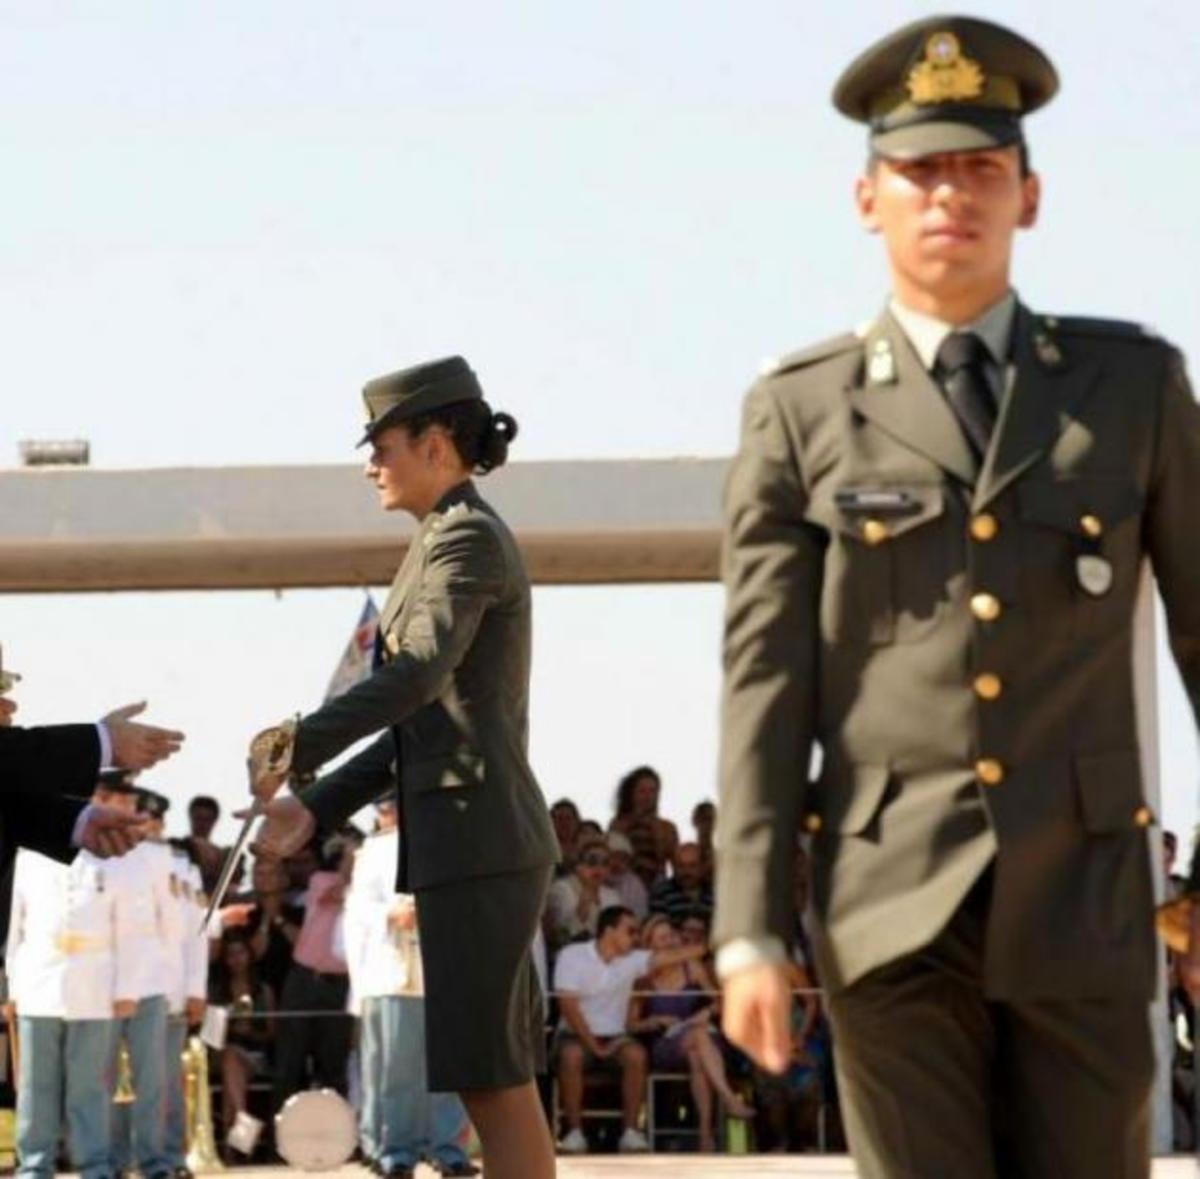 Πόσο κόβεται το εφάπαξ των στρατιωτικών μετά από τις περικοπές | Newsit.gr